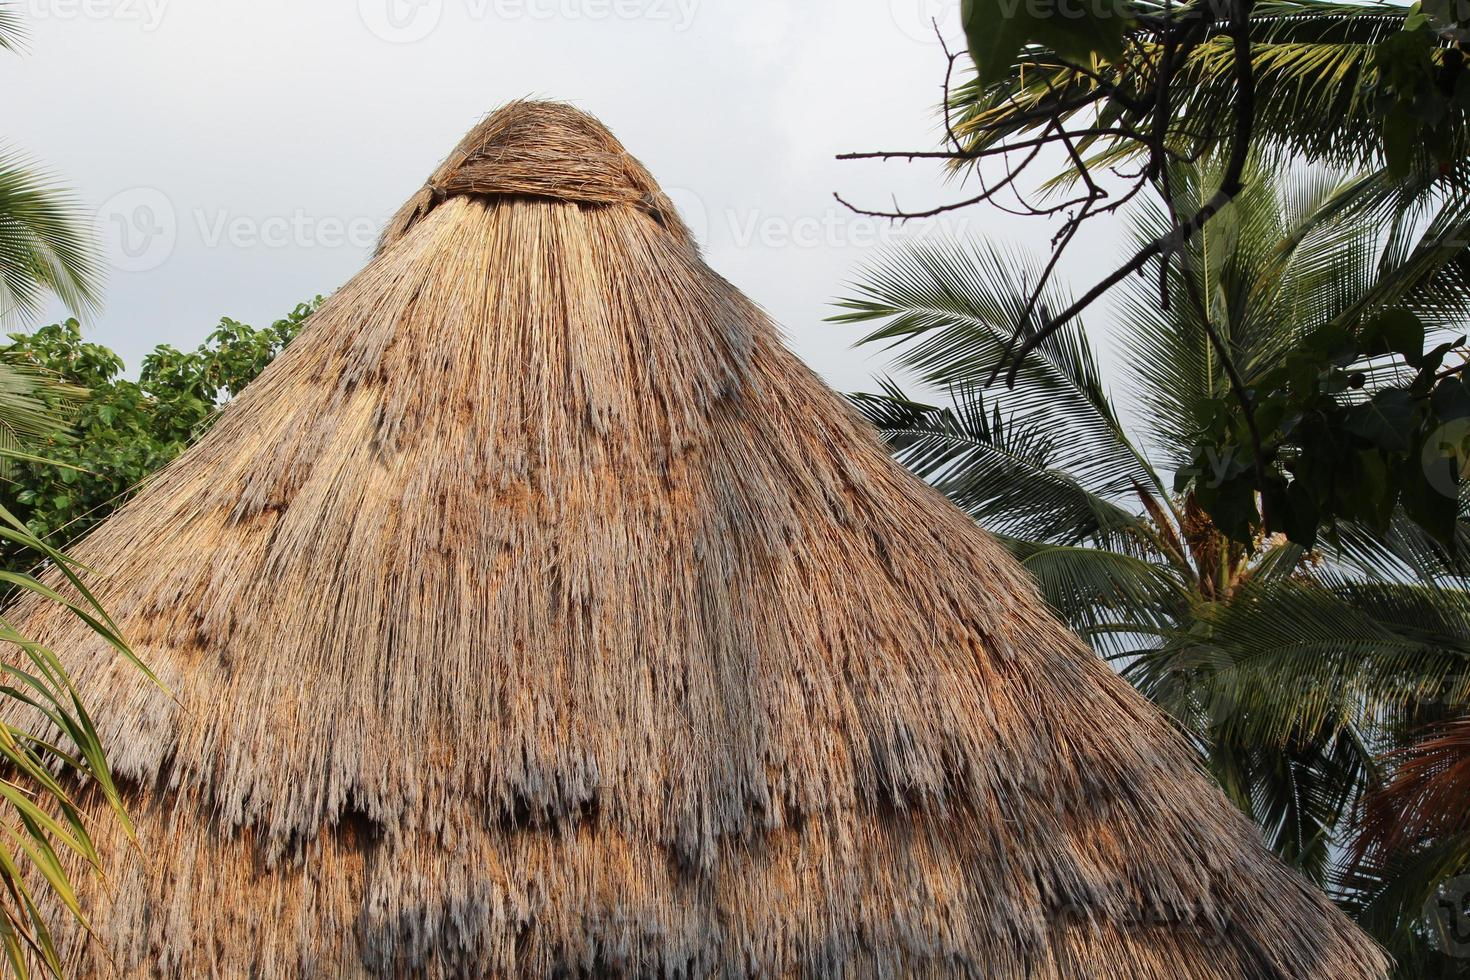 cabaña hawaiana foto